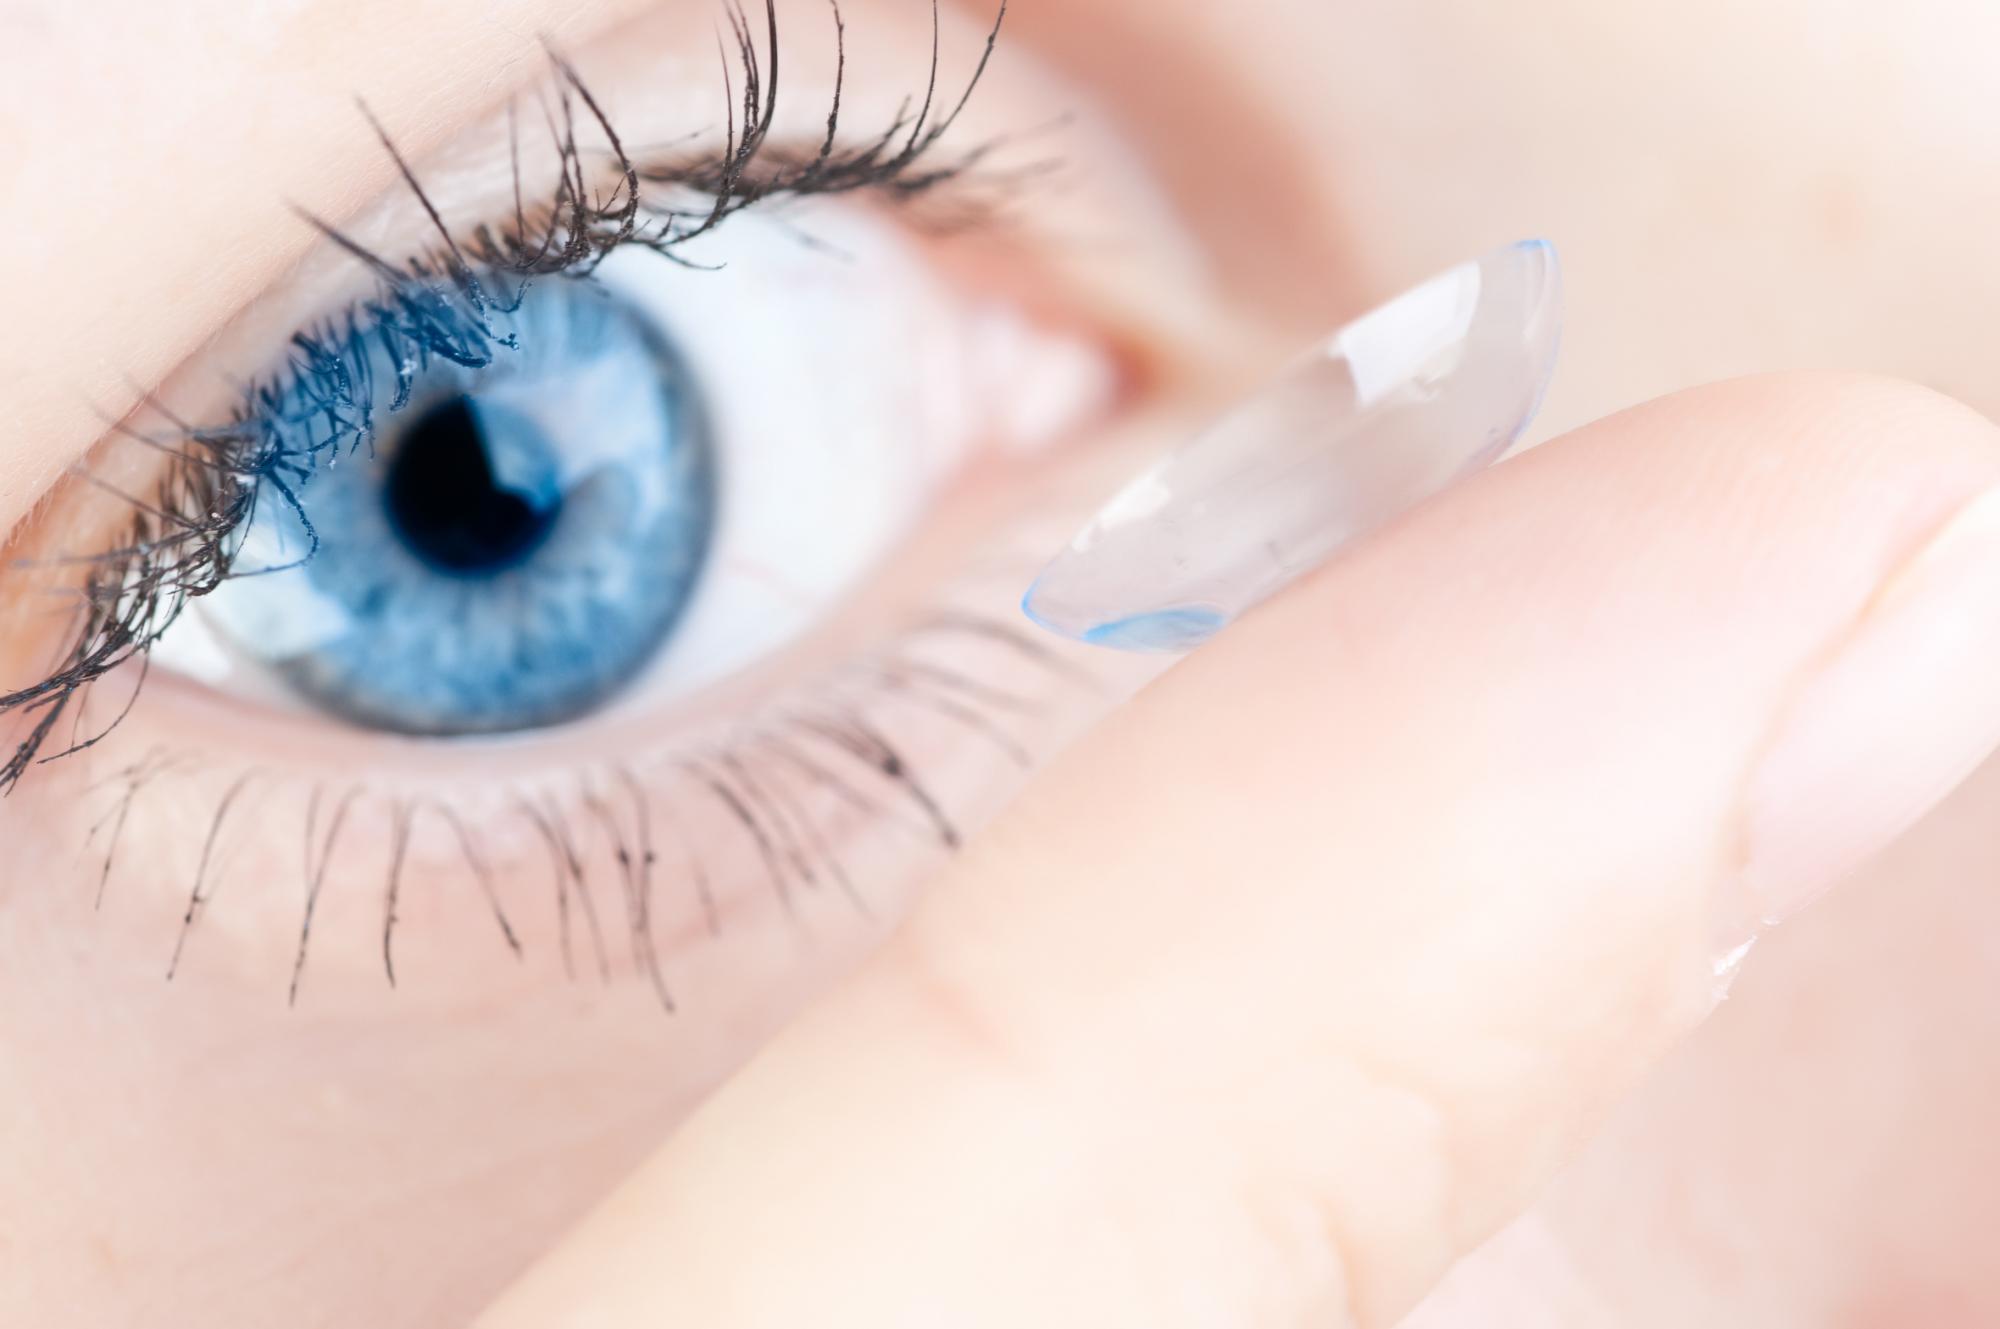 Lentilles ou lunettes : à vous de faire un choix